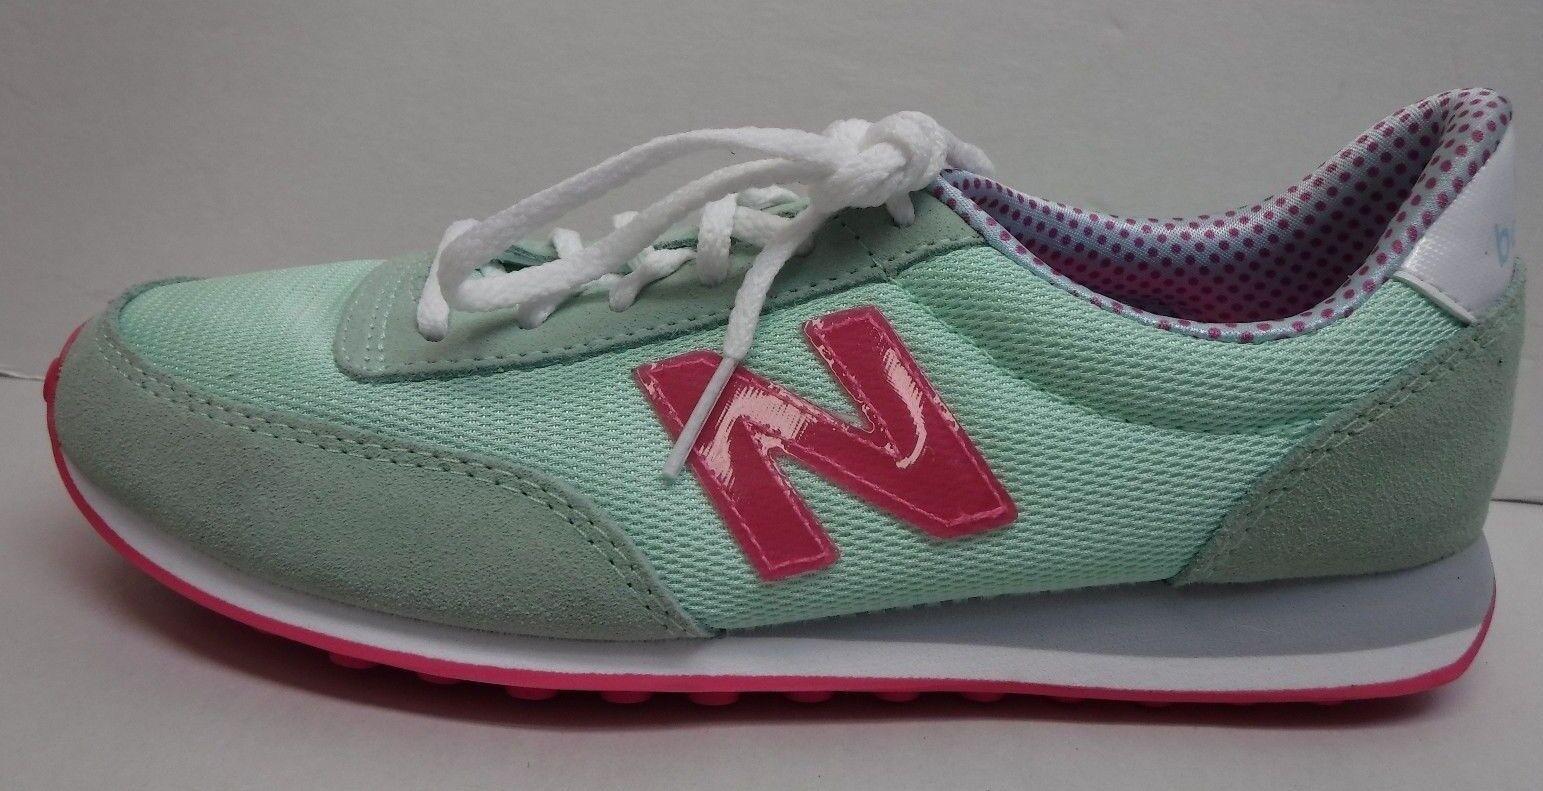 New Balance Größe 6 Seafoam Sneakers New Damenschuhe Schuhes